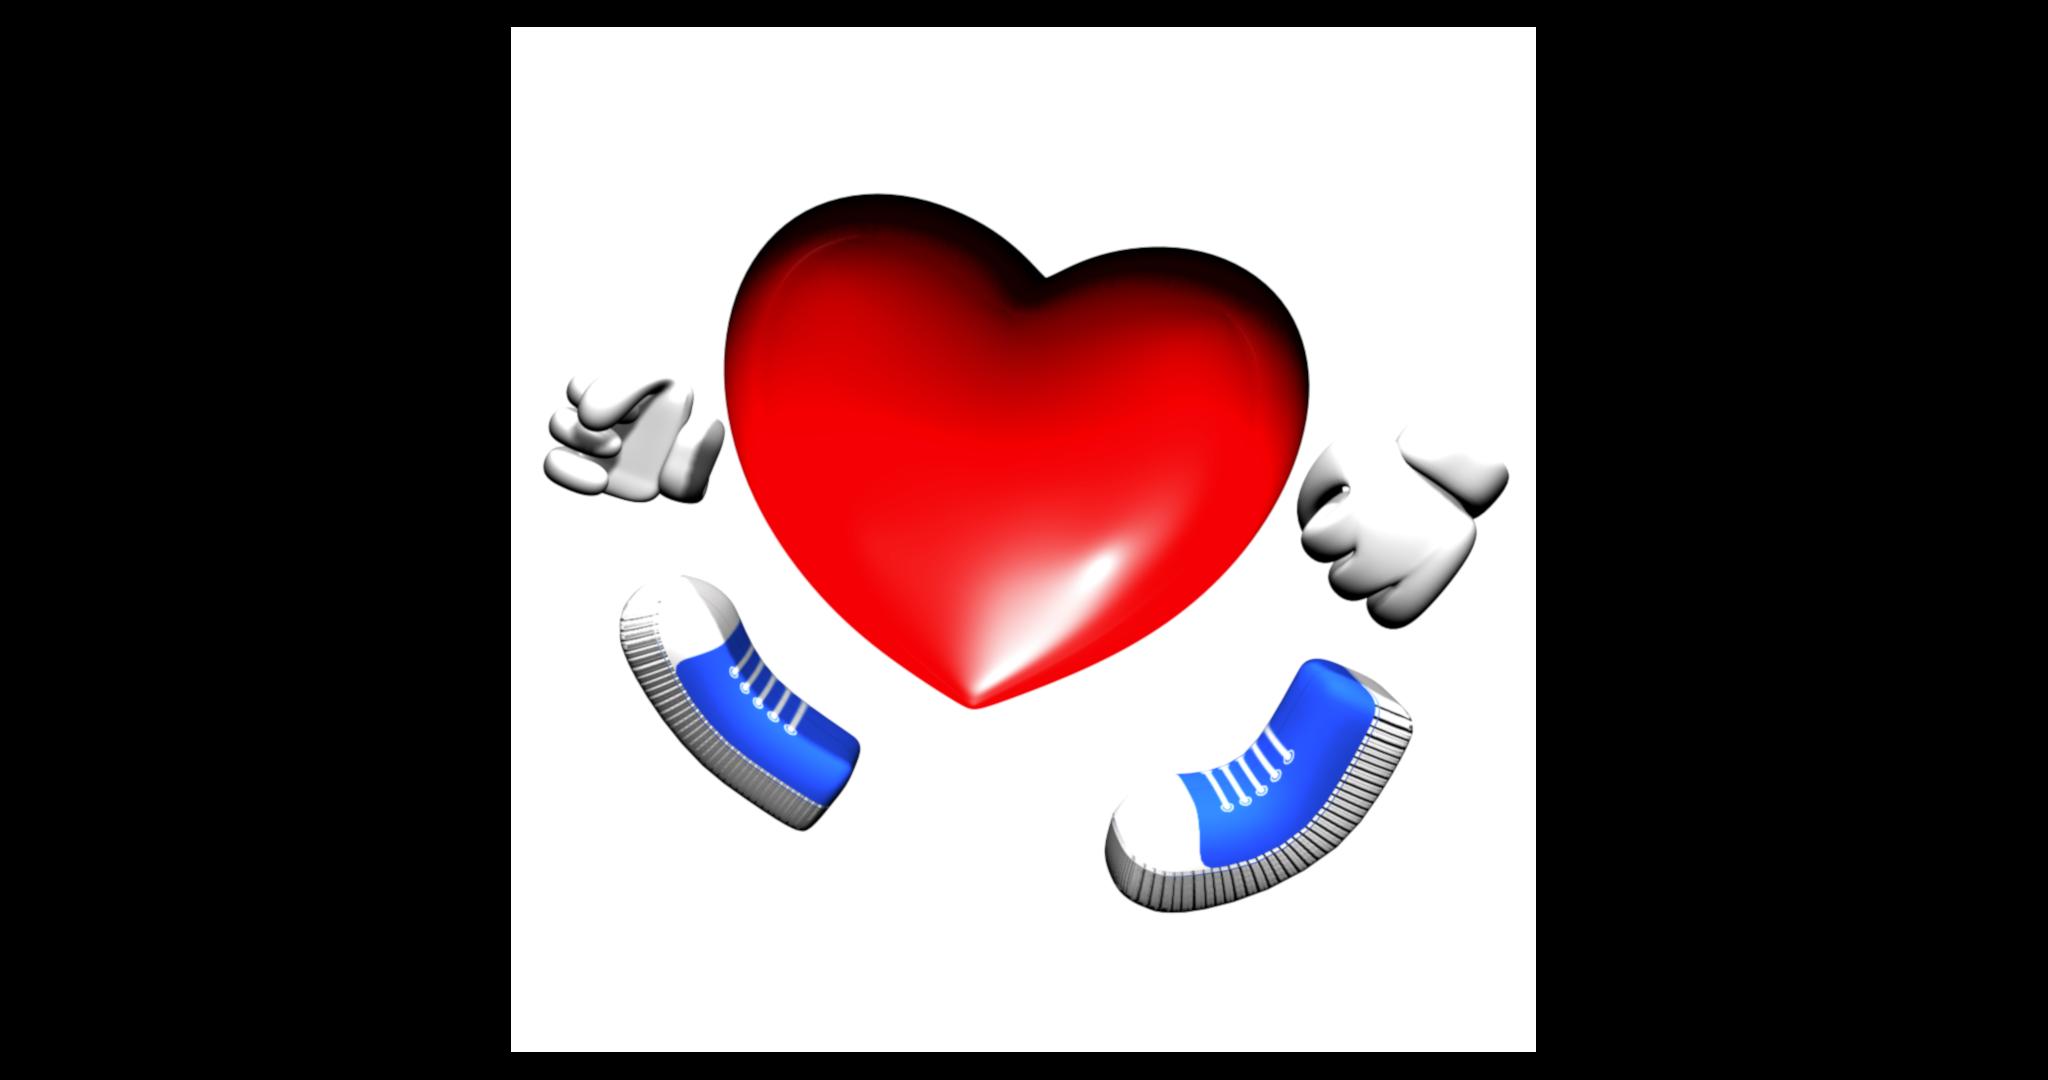 Lanzamiento de la aplicación RECARDIO: Rehabilitación cardíaca para niños con cardiopatías congénitas